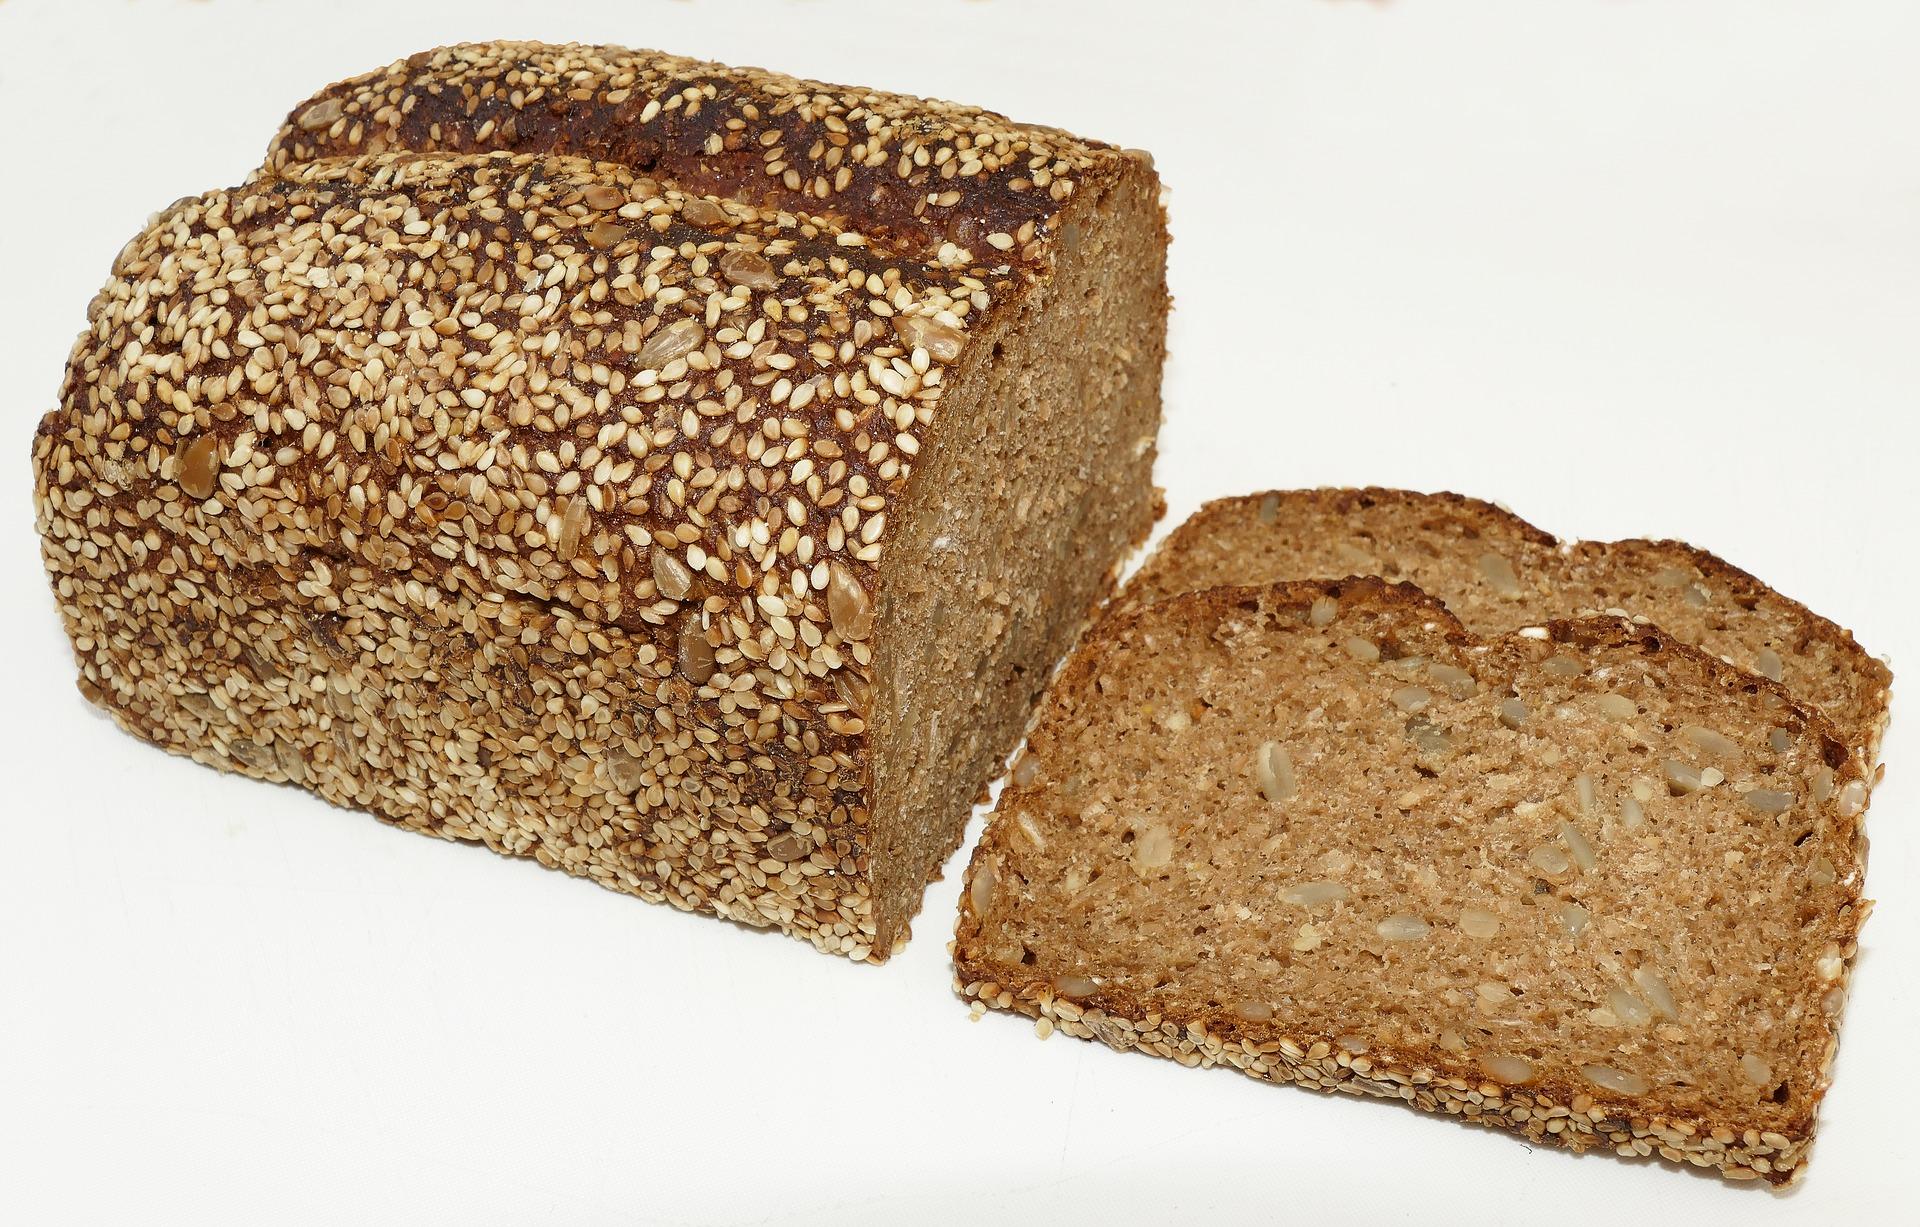 Plátek celozrnného žitného chleba patří ke každé slané snídani / foto: pixabay.com